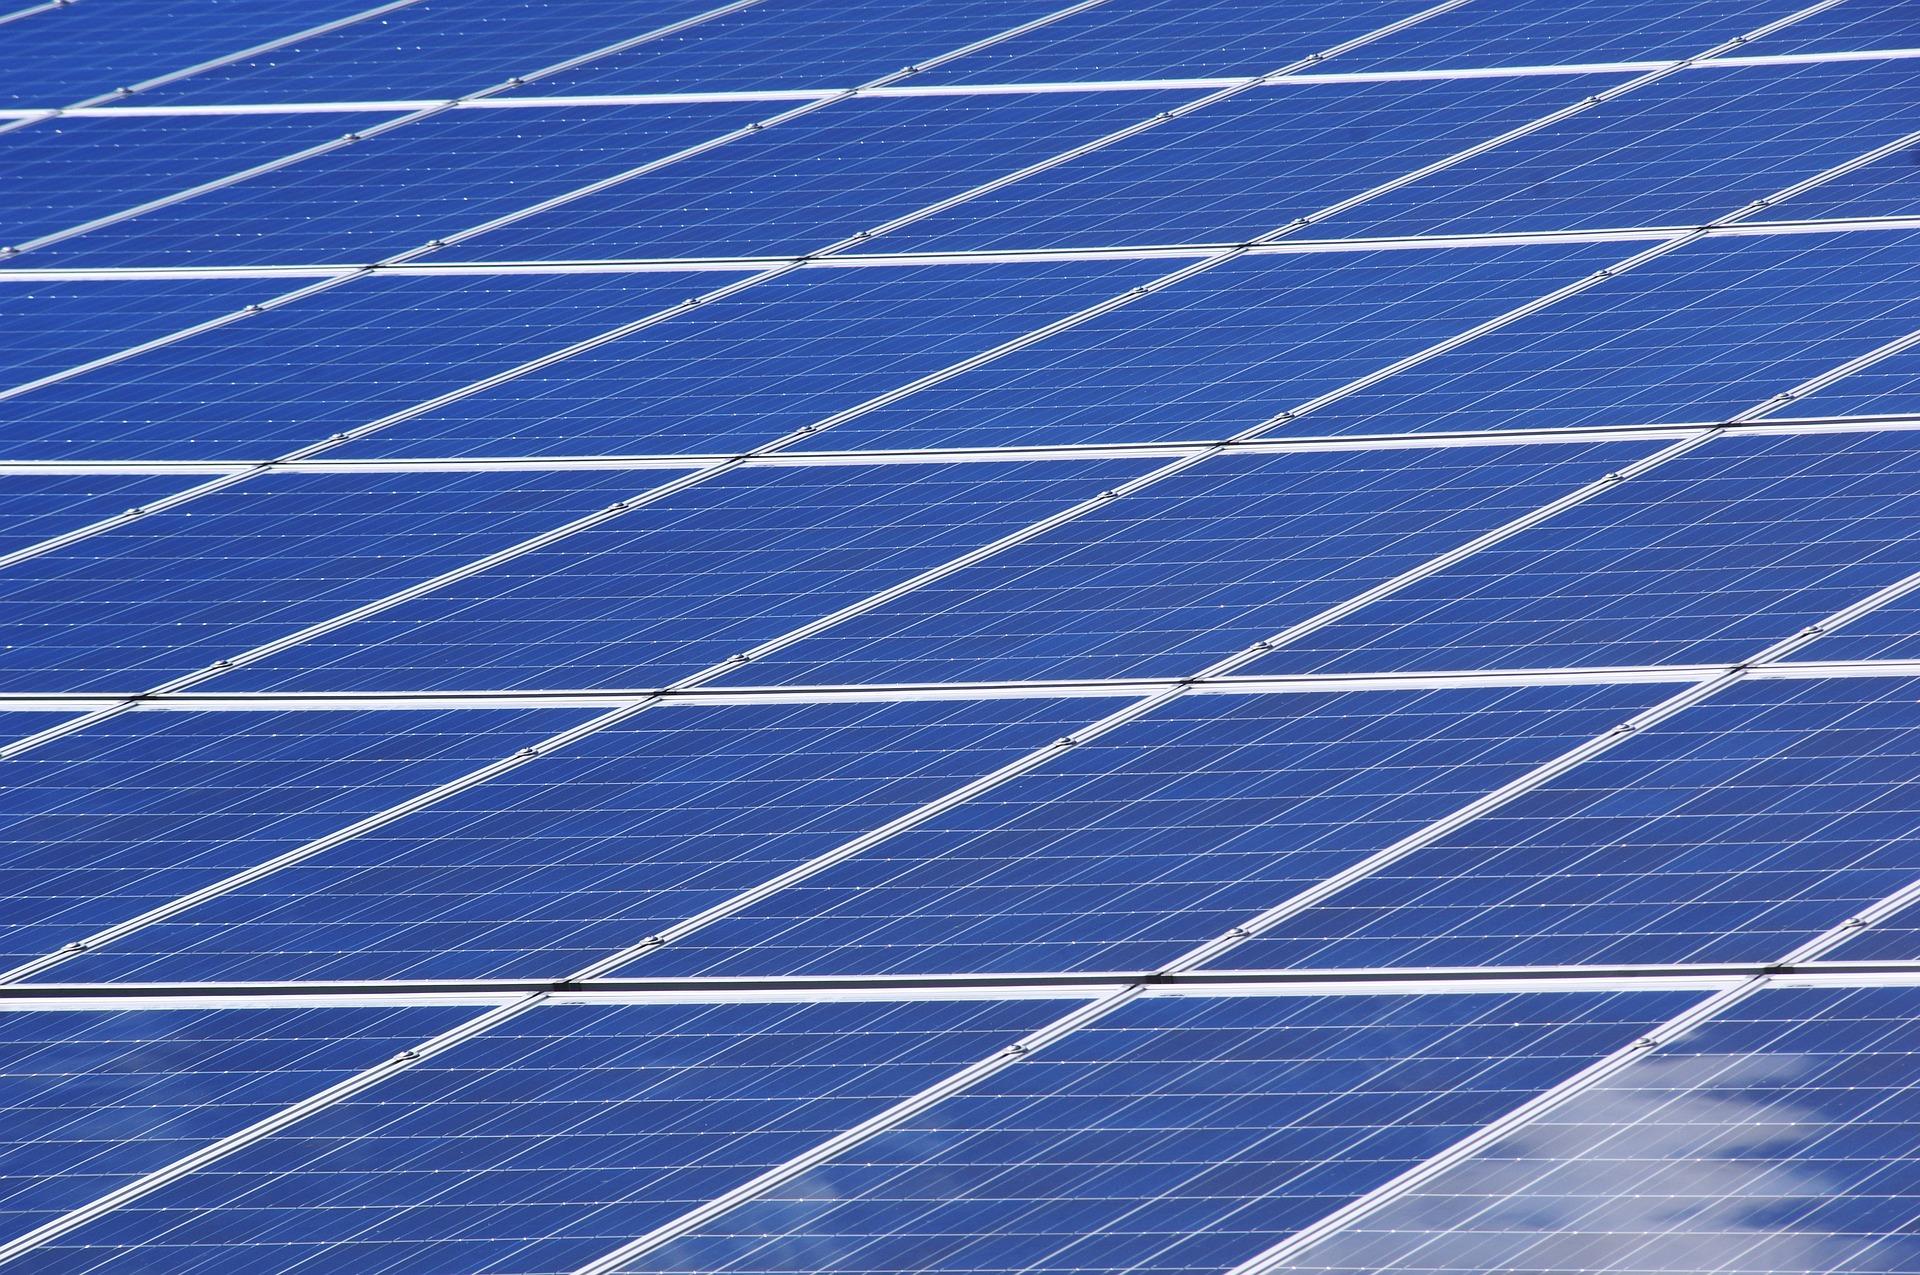 Photovoltaik – Stromerzeugung aus Sonnenenergie